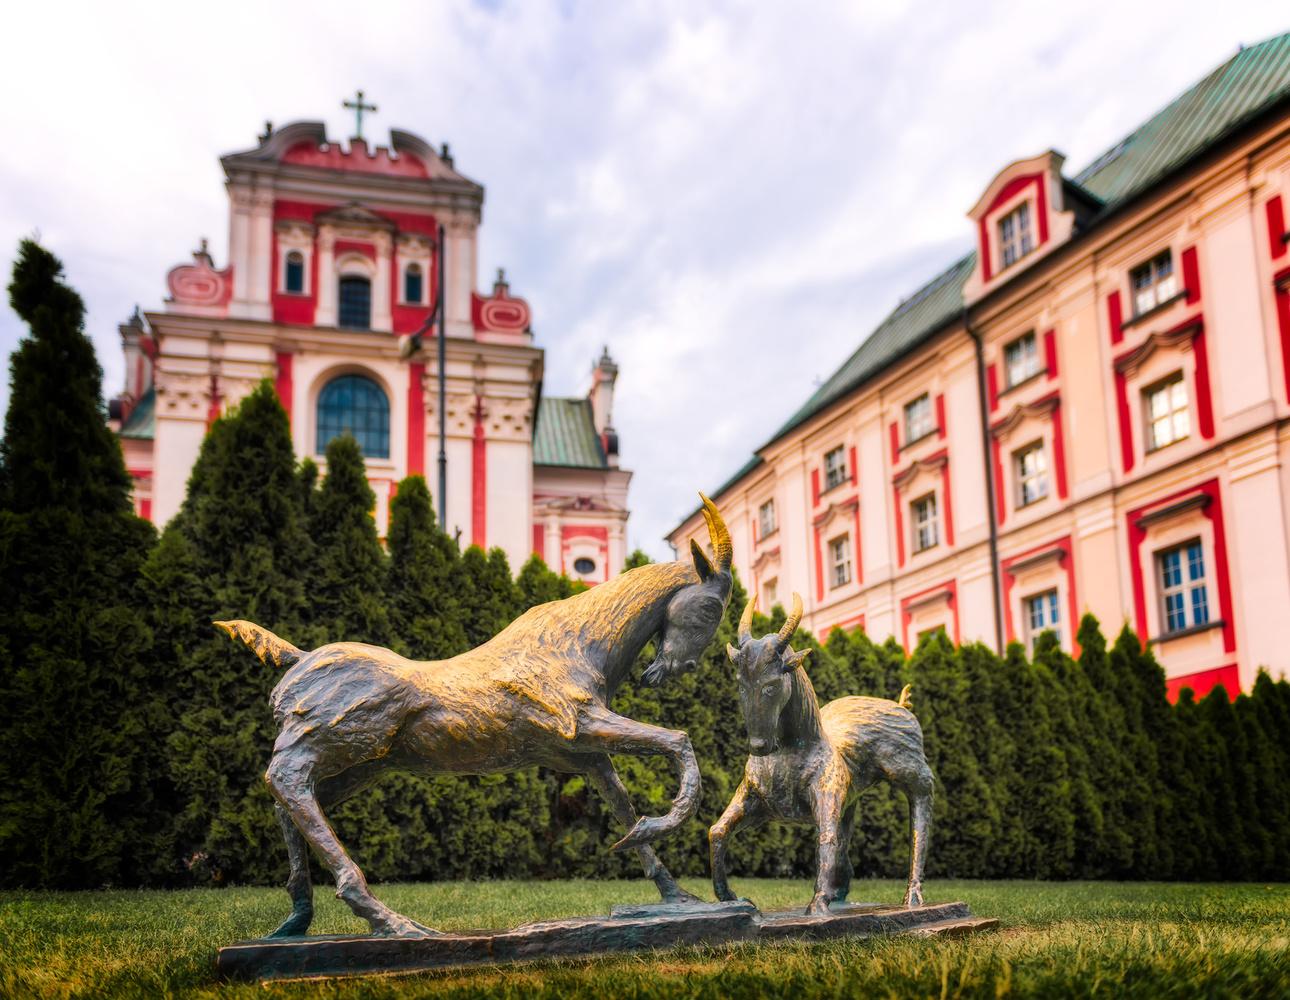 Poznan Goats | Poznan, Poland by Nico Trinkhaus